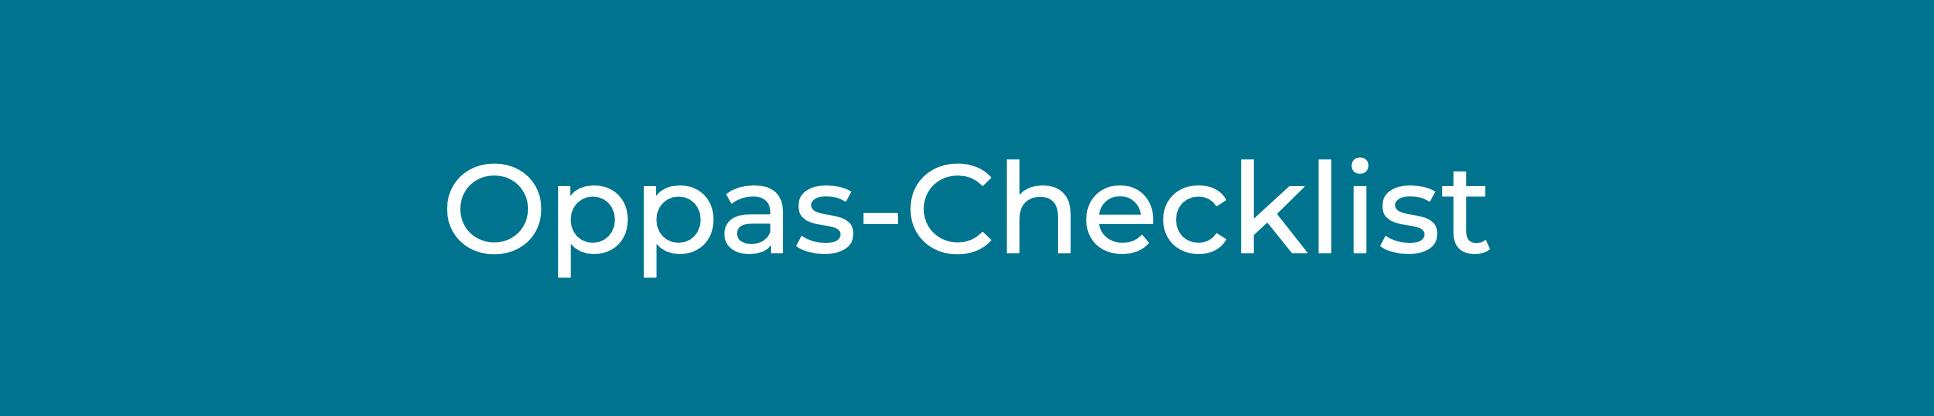 Oppas-checklist